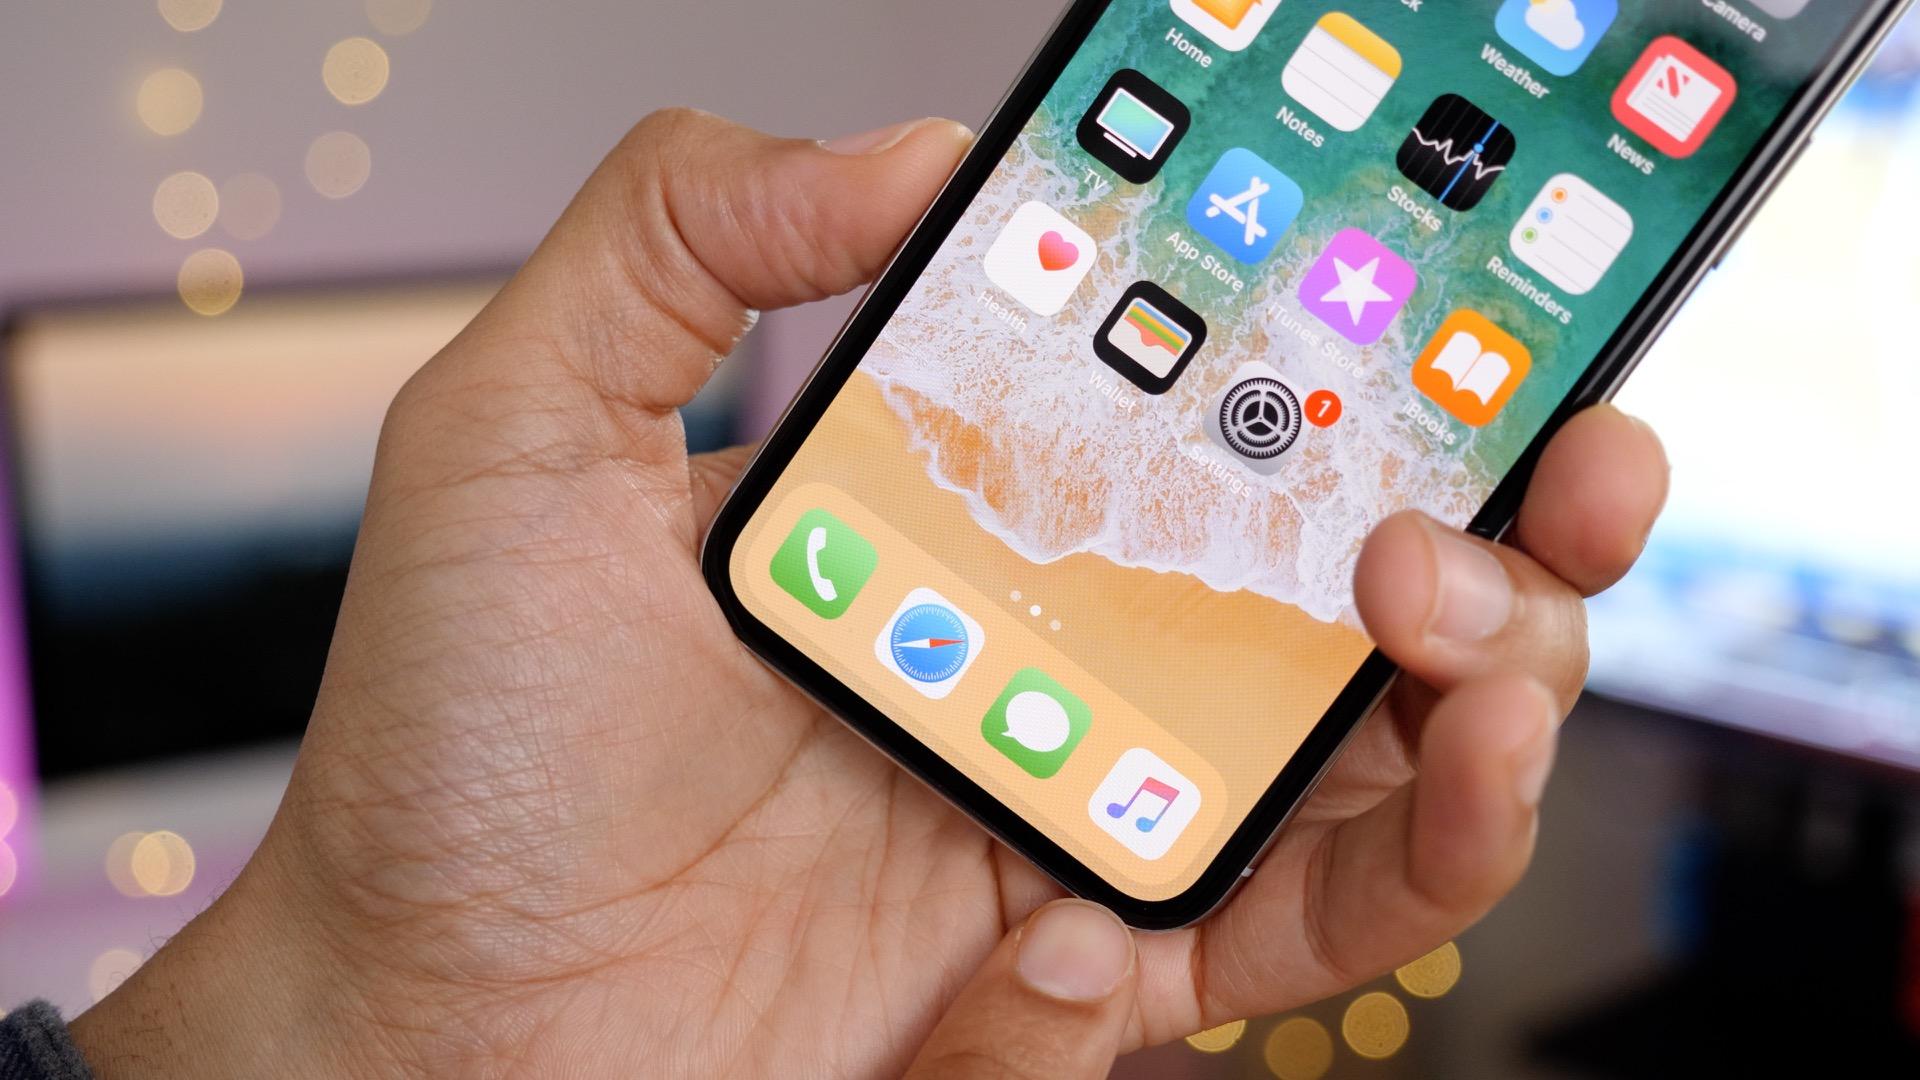 iphone 5se default